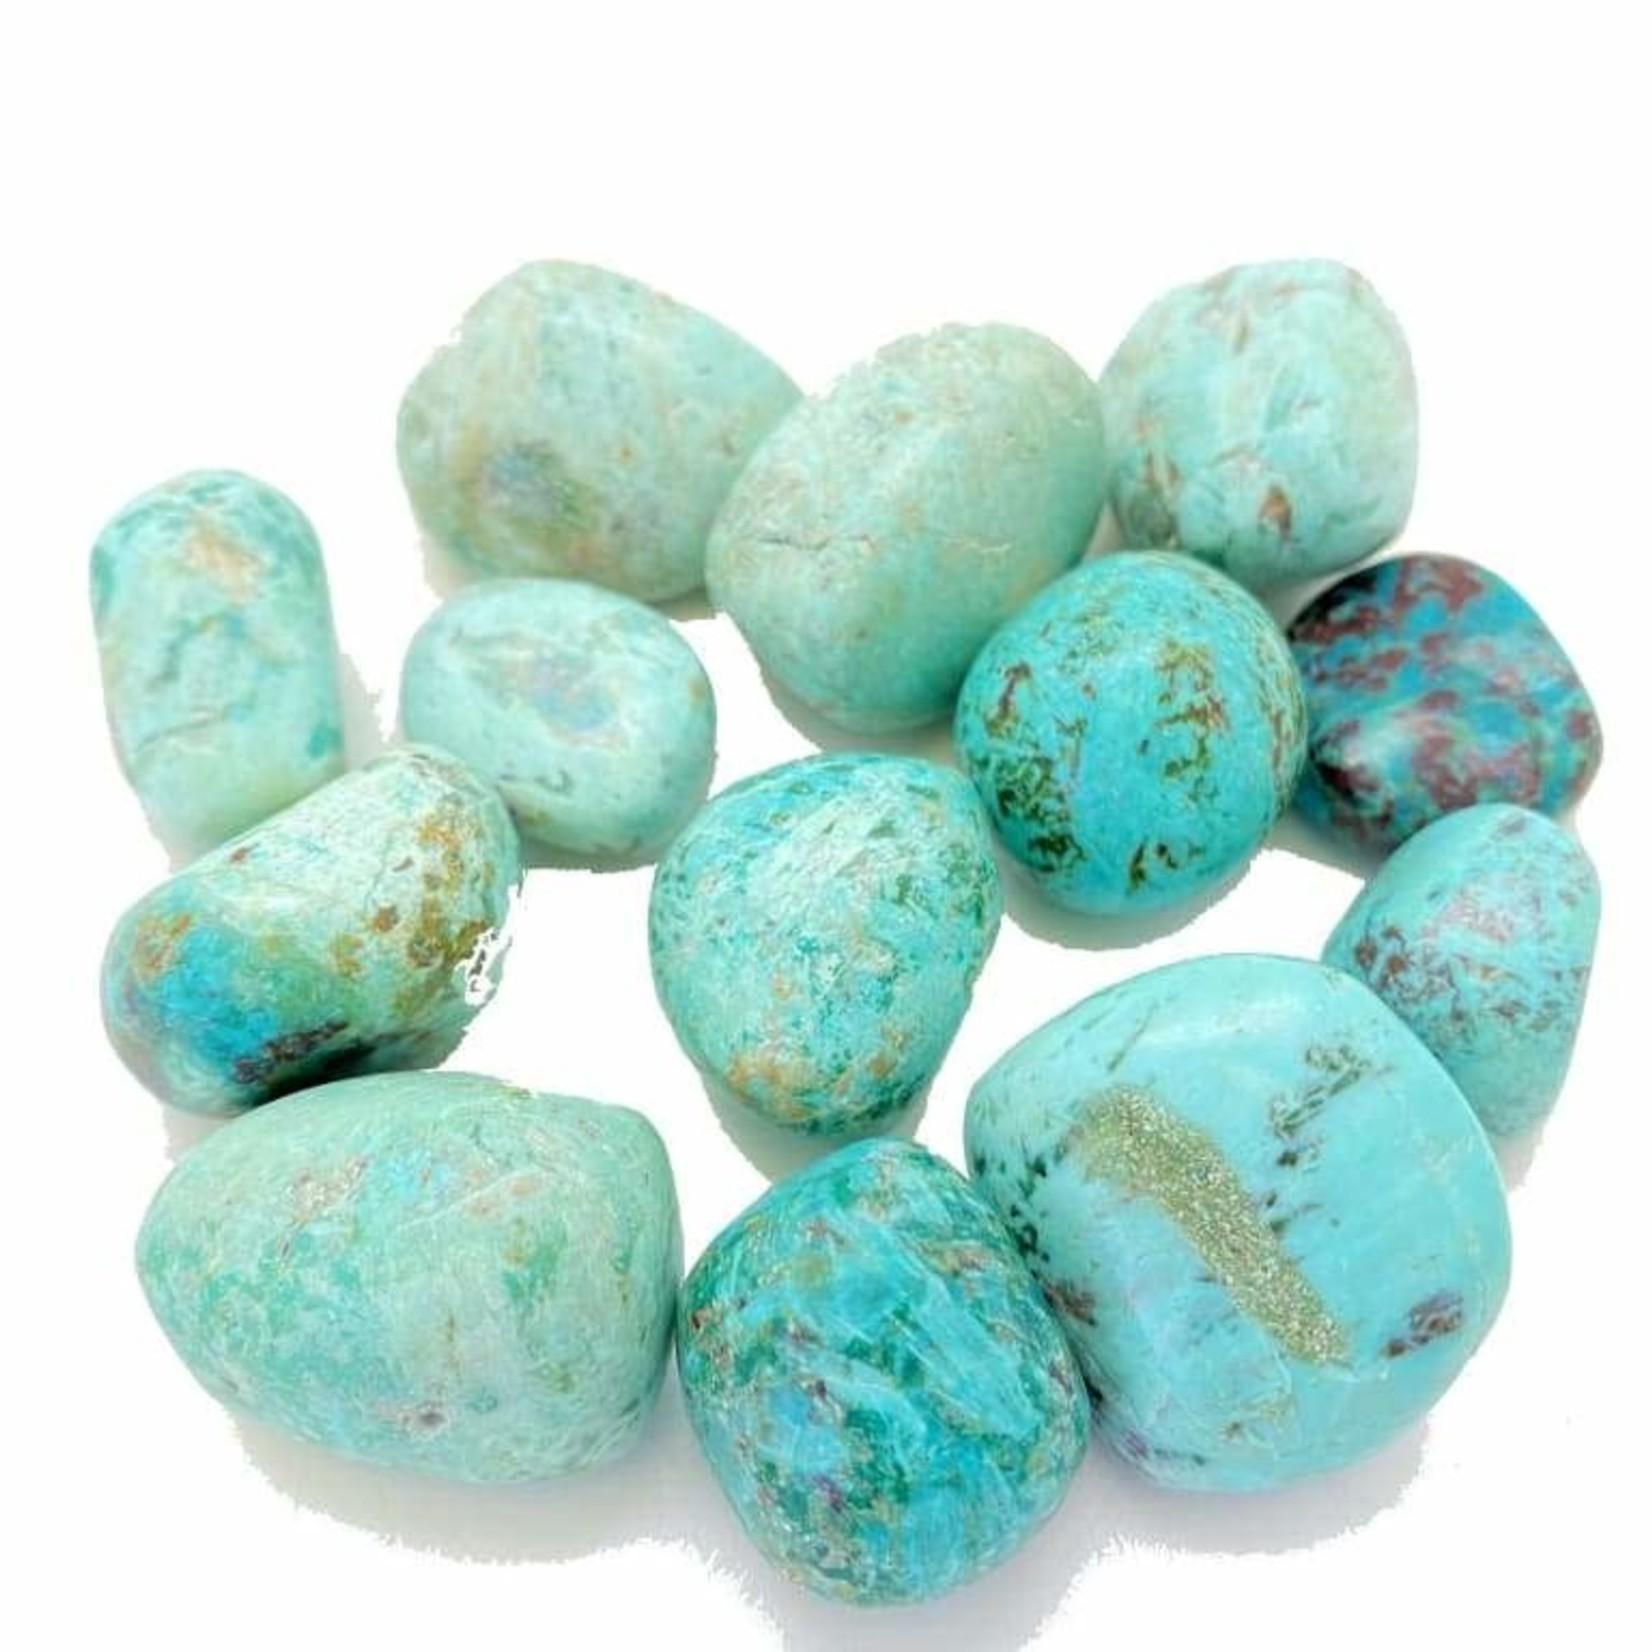 Tumbled Turquoise